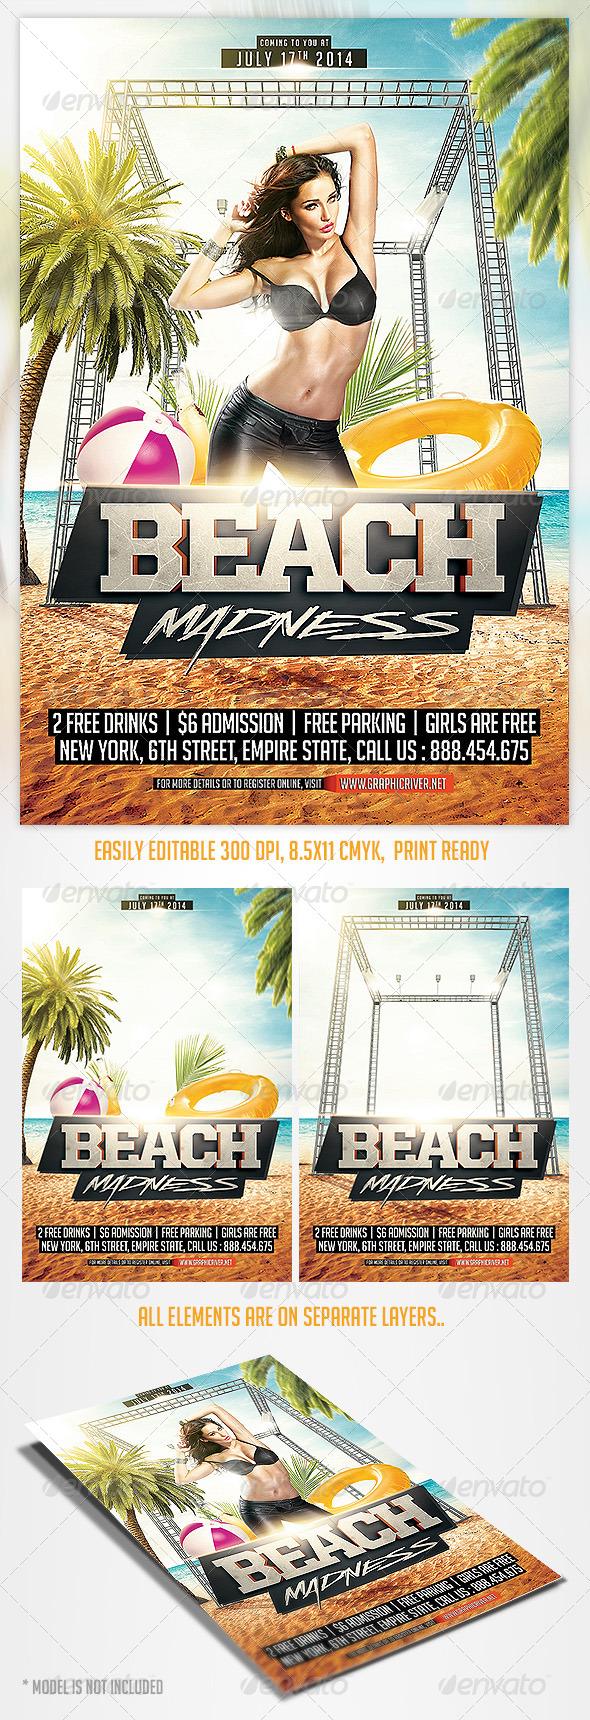 Summer Beach Madness Flyer Template - Print Templates